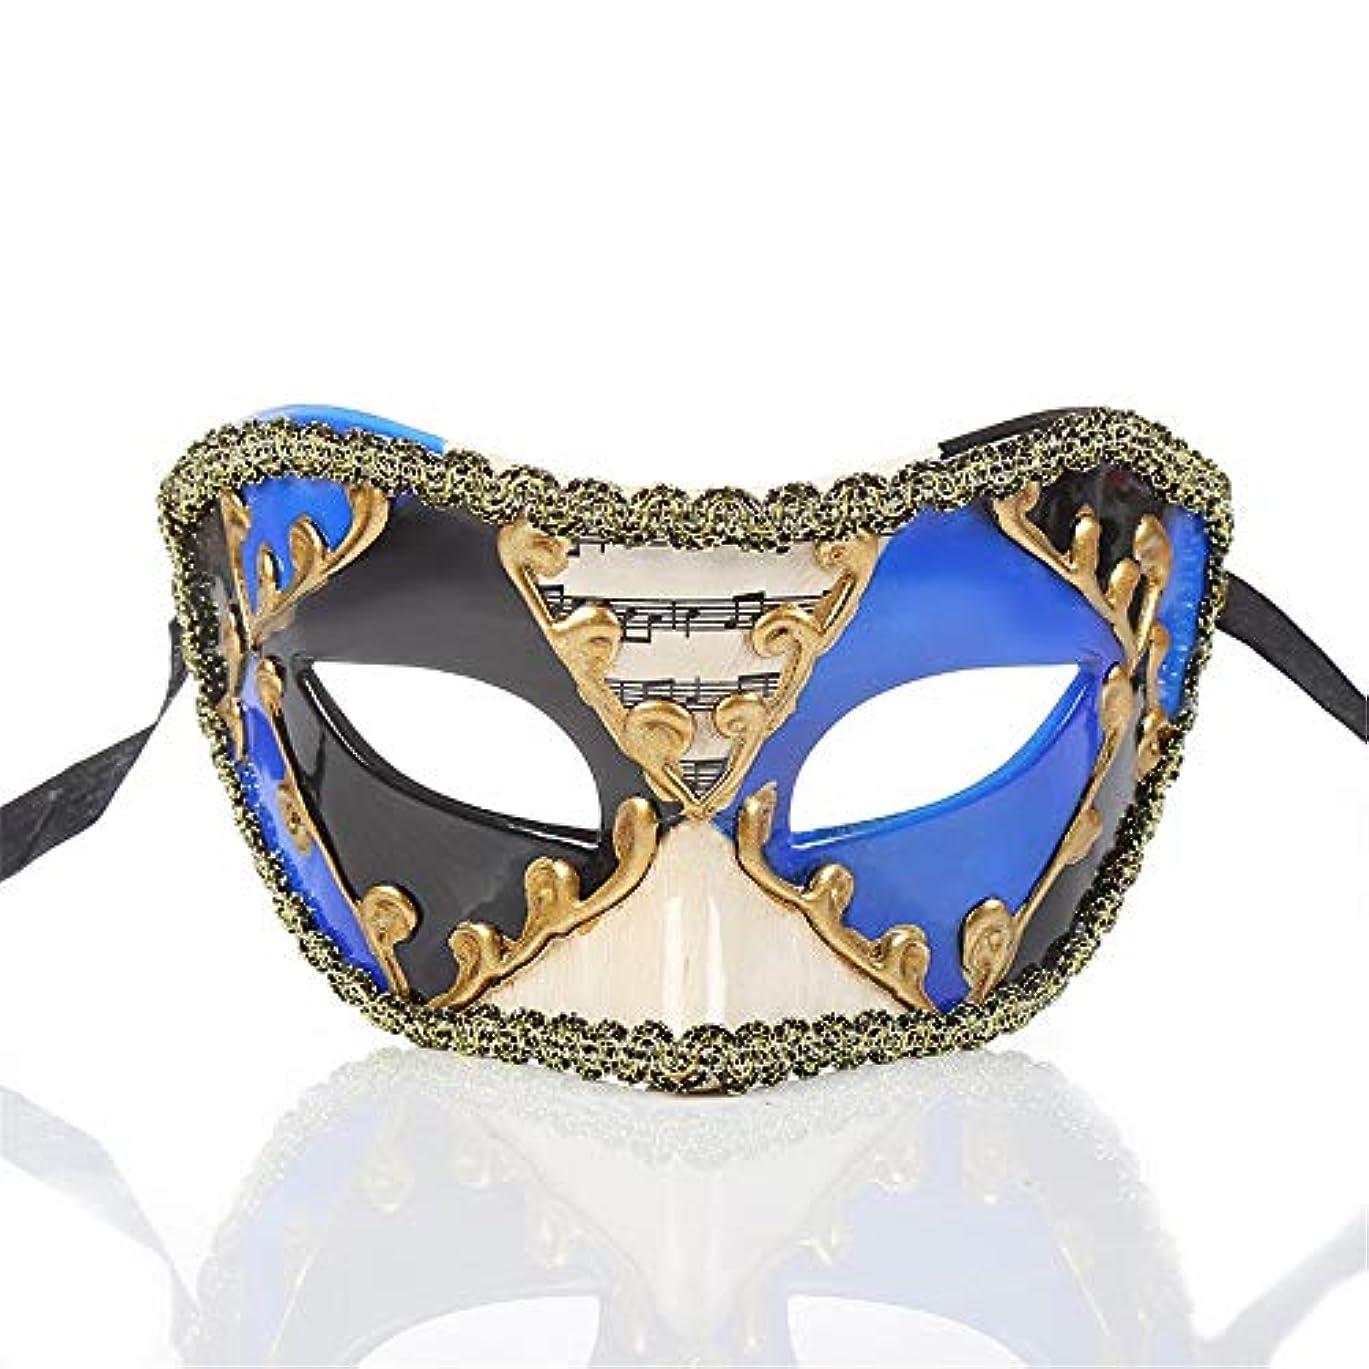 合計道ハードリングダンスマスク ヴィンテージクラシックハーフフェイスクラウンミュージカルノート装飾マスクフェスティバルロールプレイングプラスチックマスク ホリデーパーティー用品 (色 : 青, サイズ : 16.5x8cm)